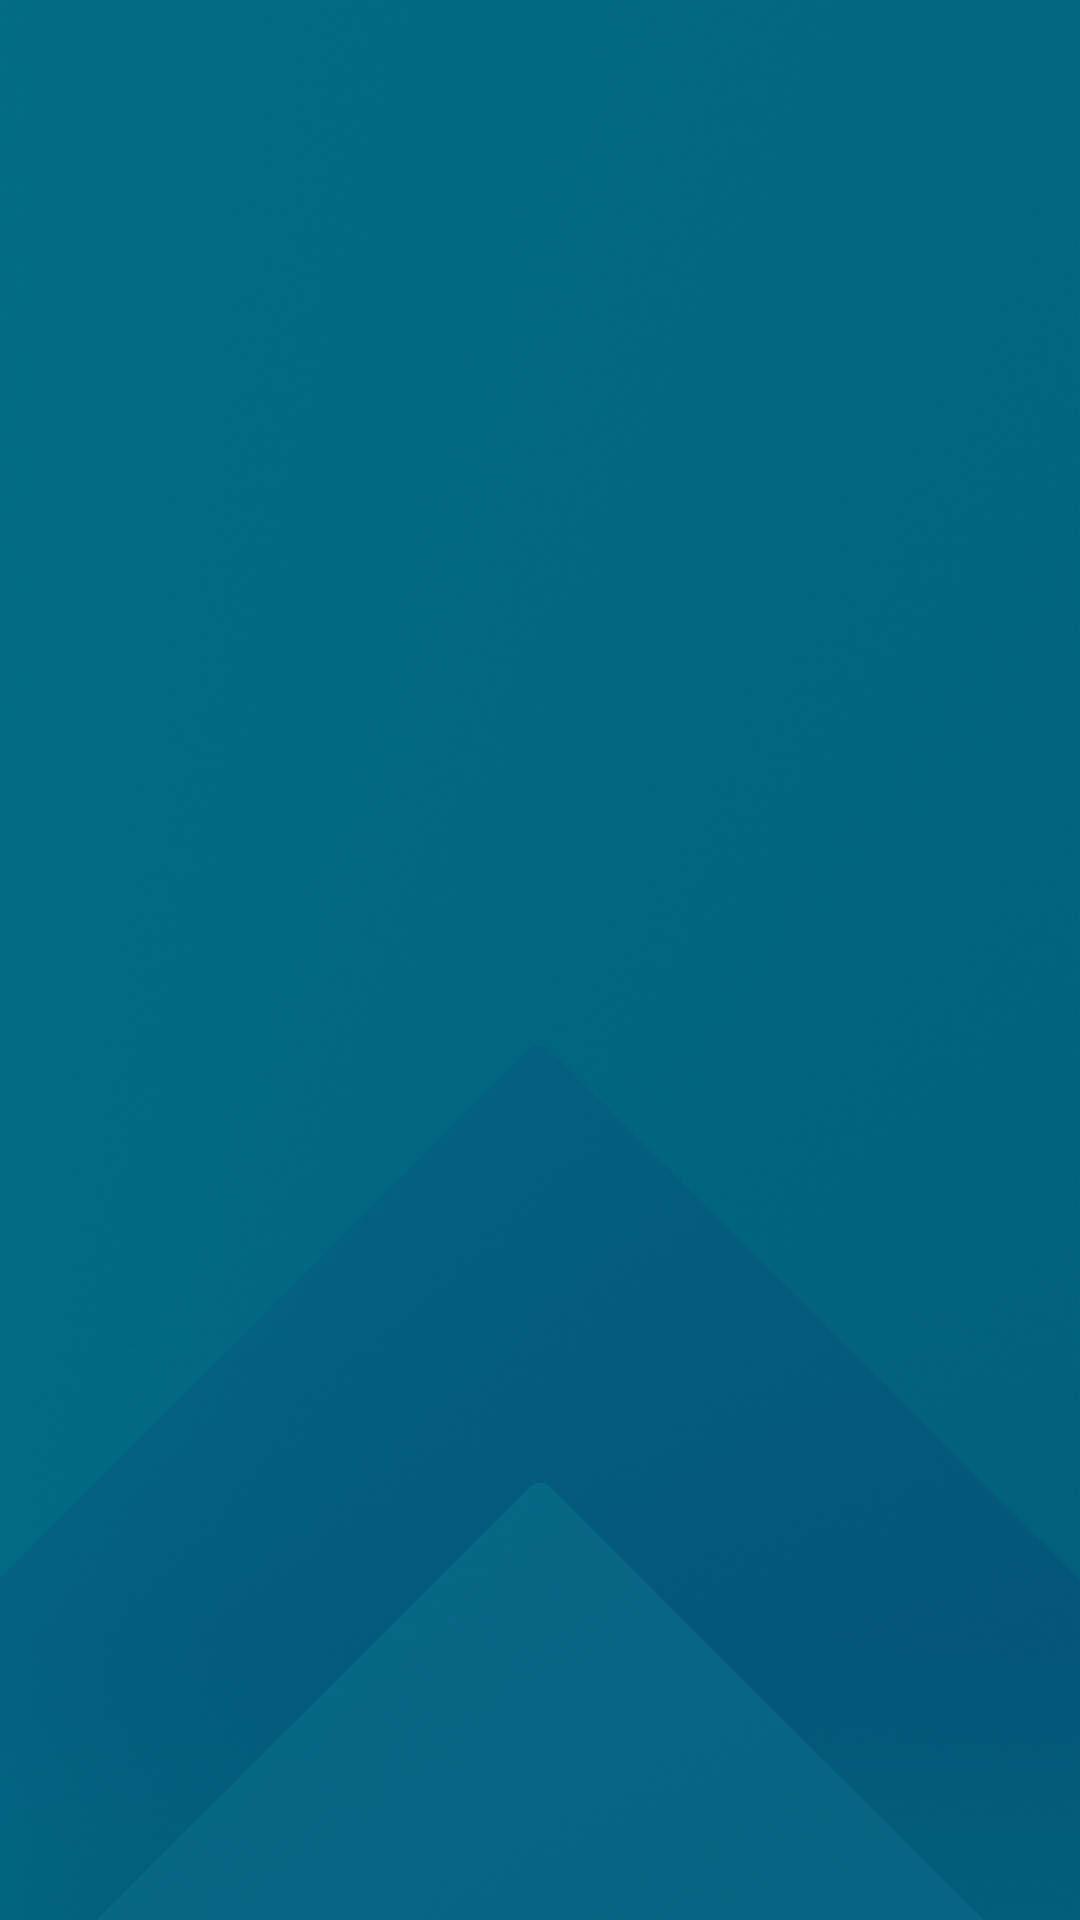 Hd wallpaper vivo - Download Vivo X9 Wallpapers